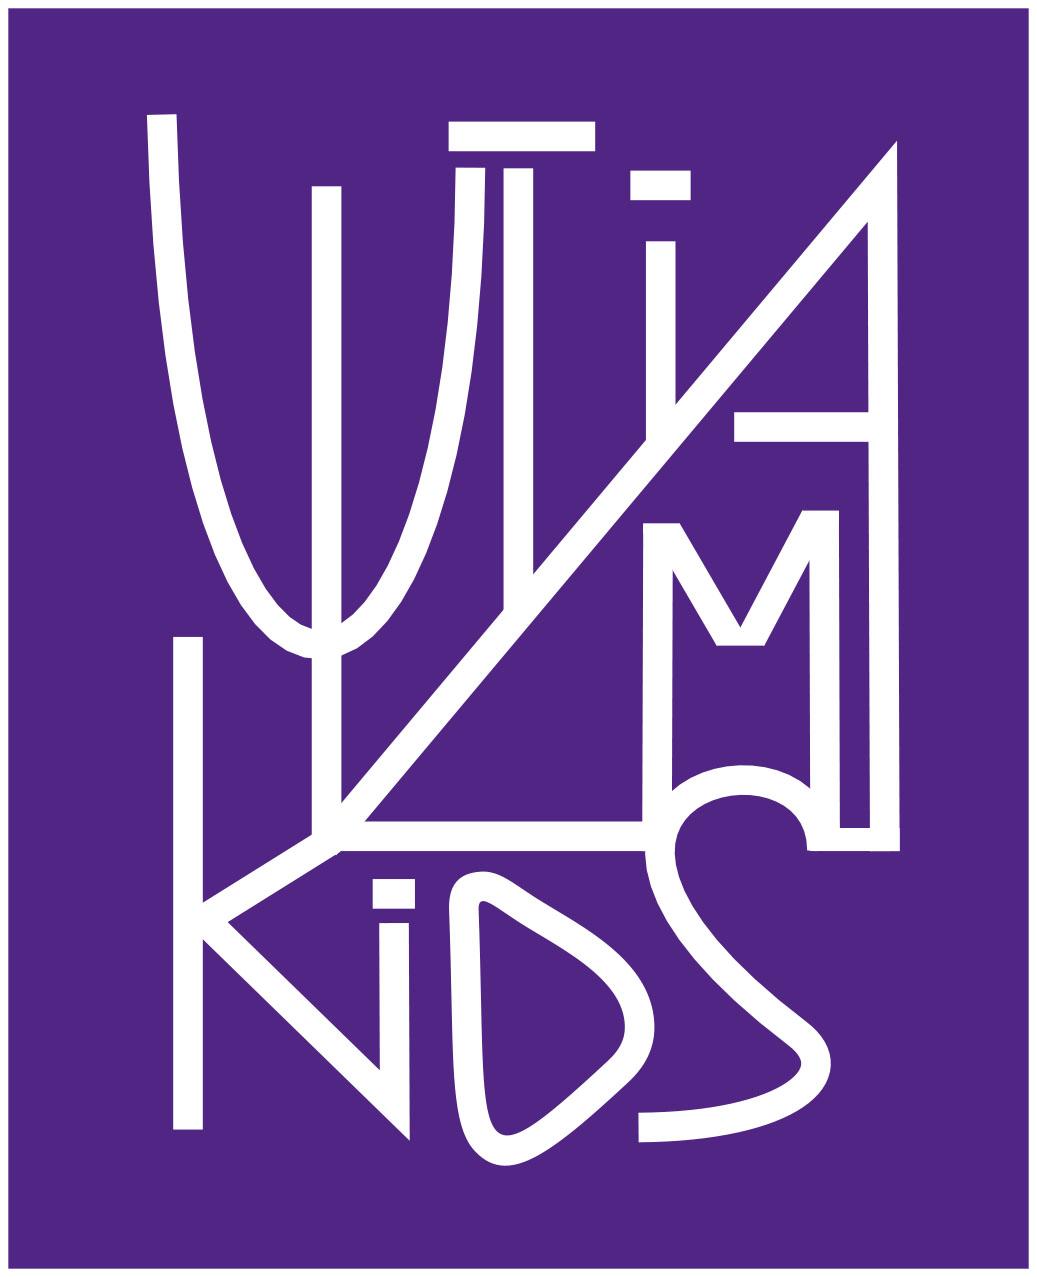 Дизайн логотипа для детского магазина фото f_5185bc72c143cd0b.jpg